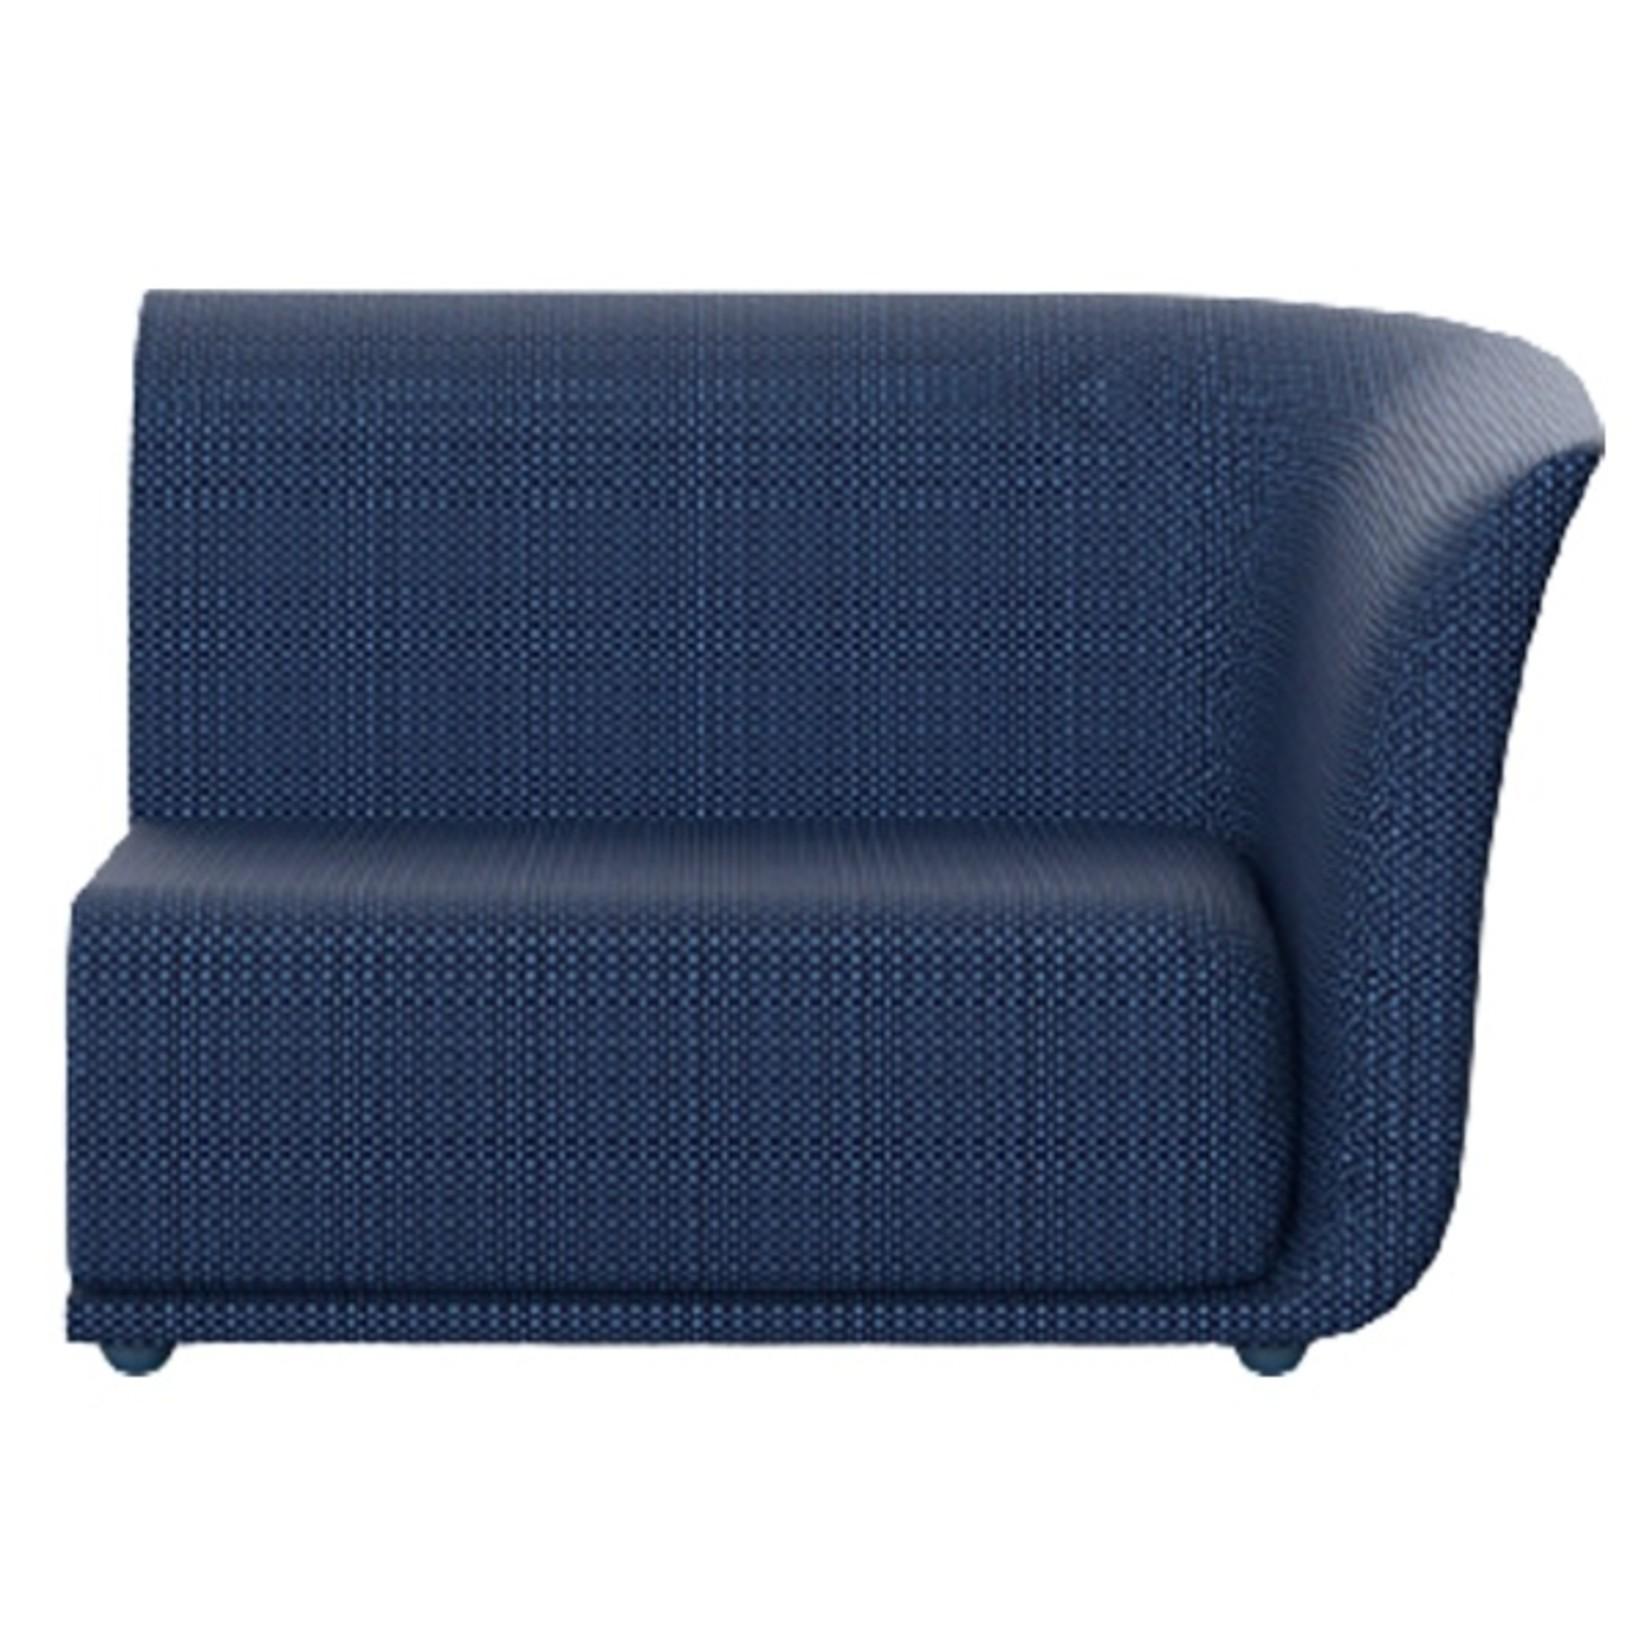 Vondom Suave Sofa left section